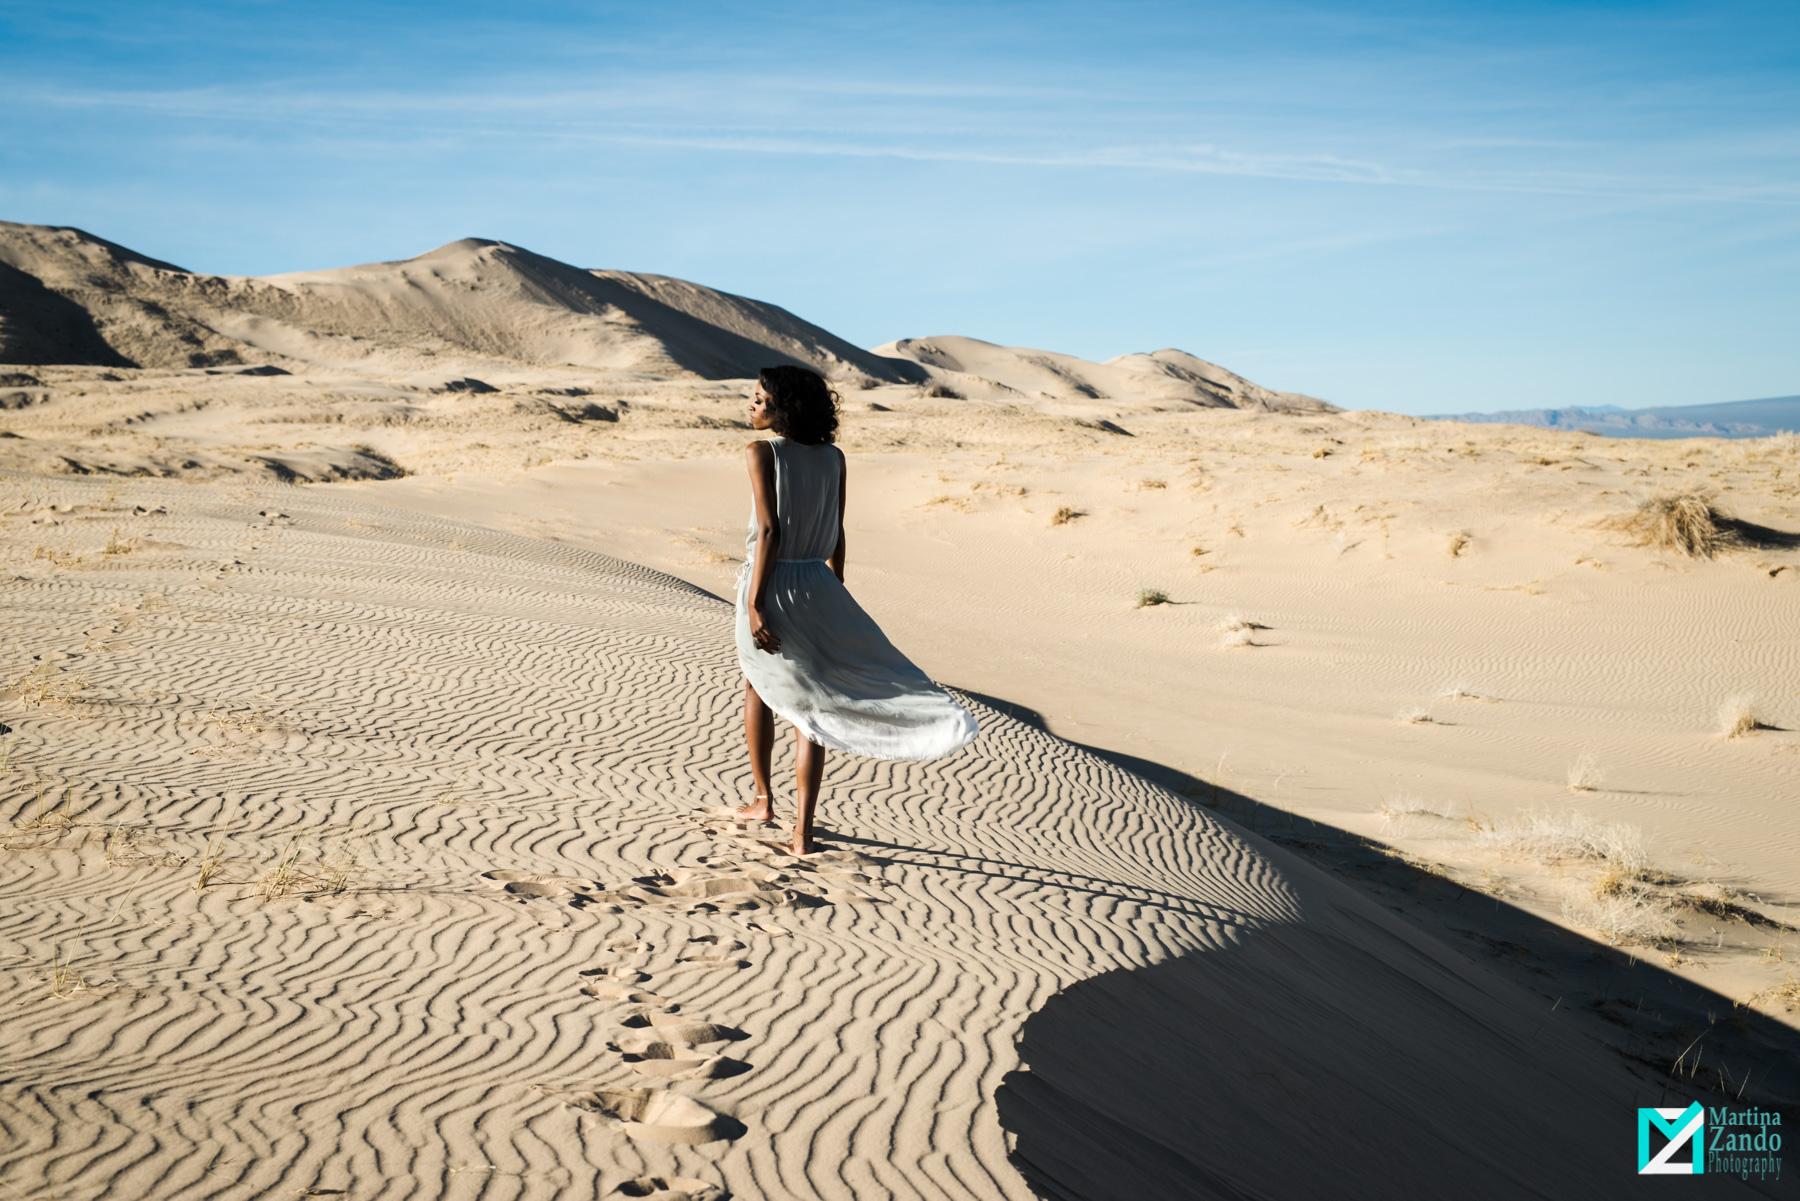 Sand Dunes_Martina_Zando-4868.jpg